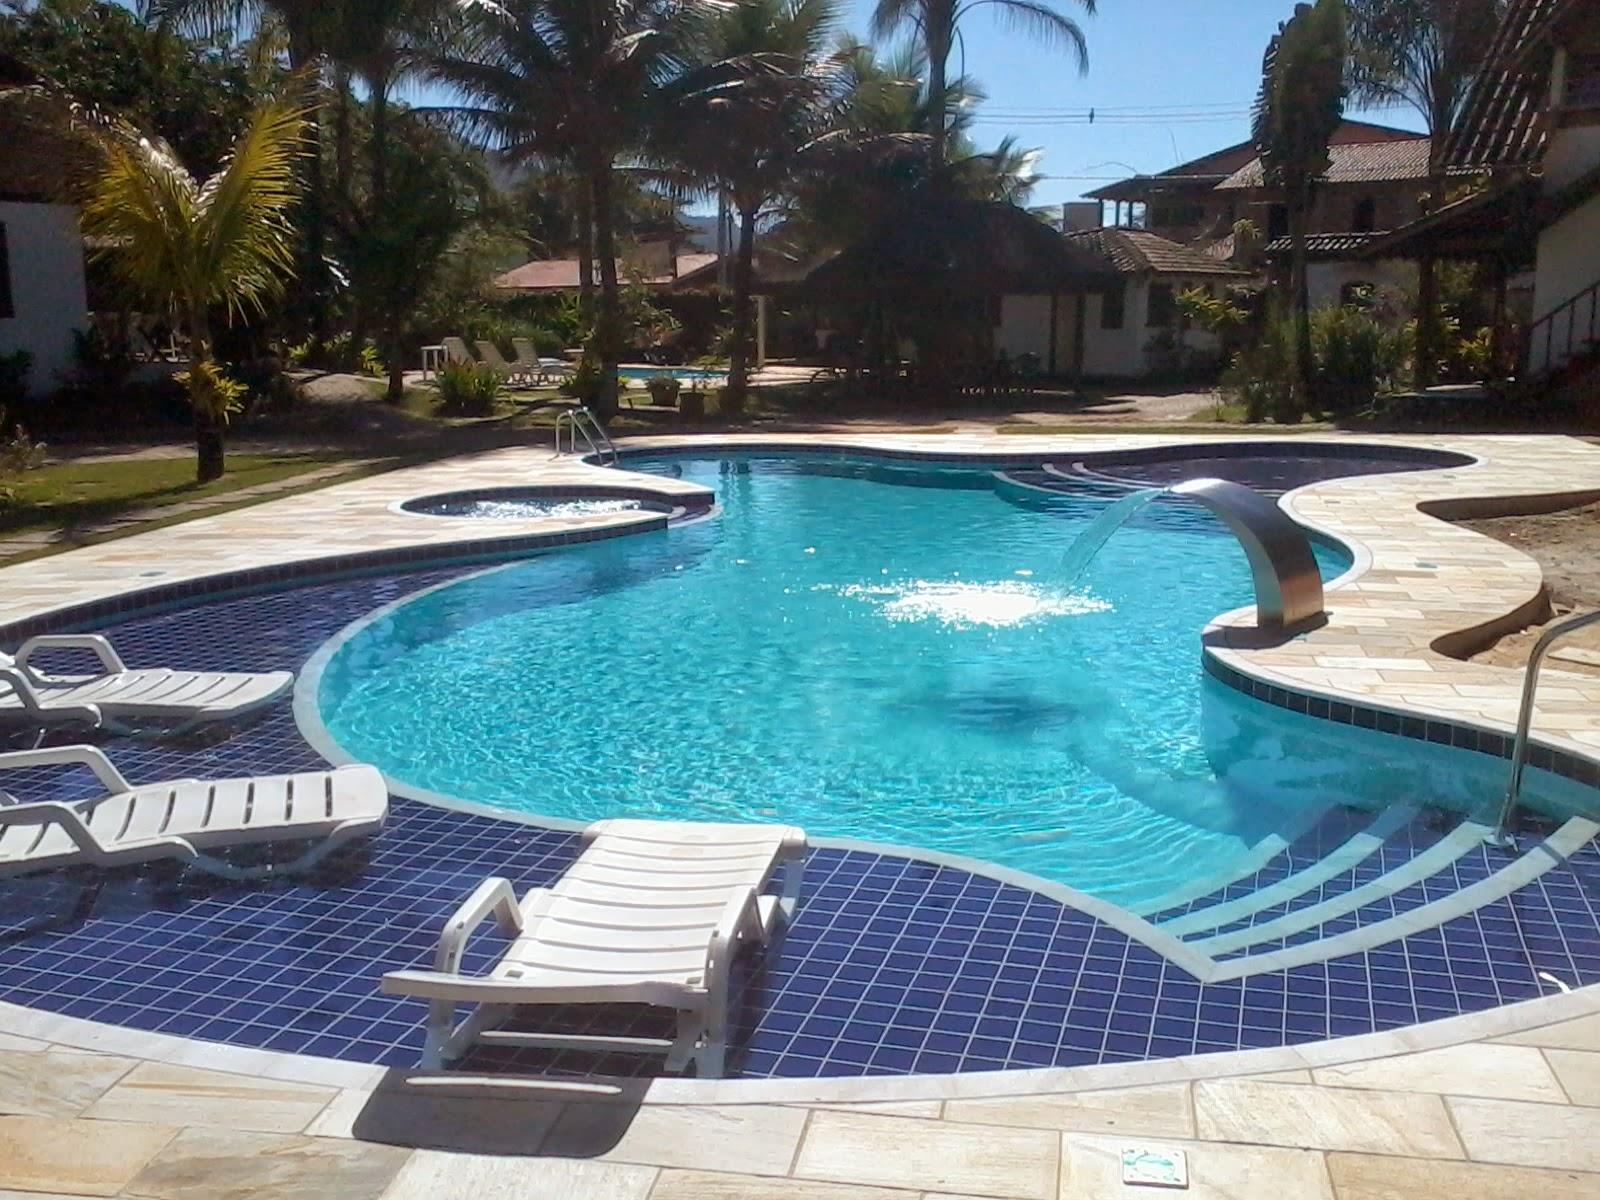 Troca de vinil por fibra em piscinas como e realizado for Fibra para piscina